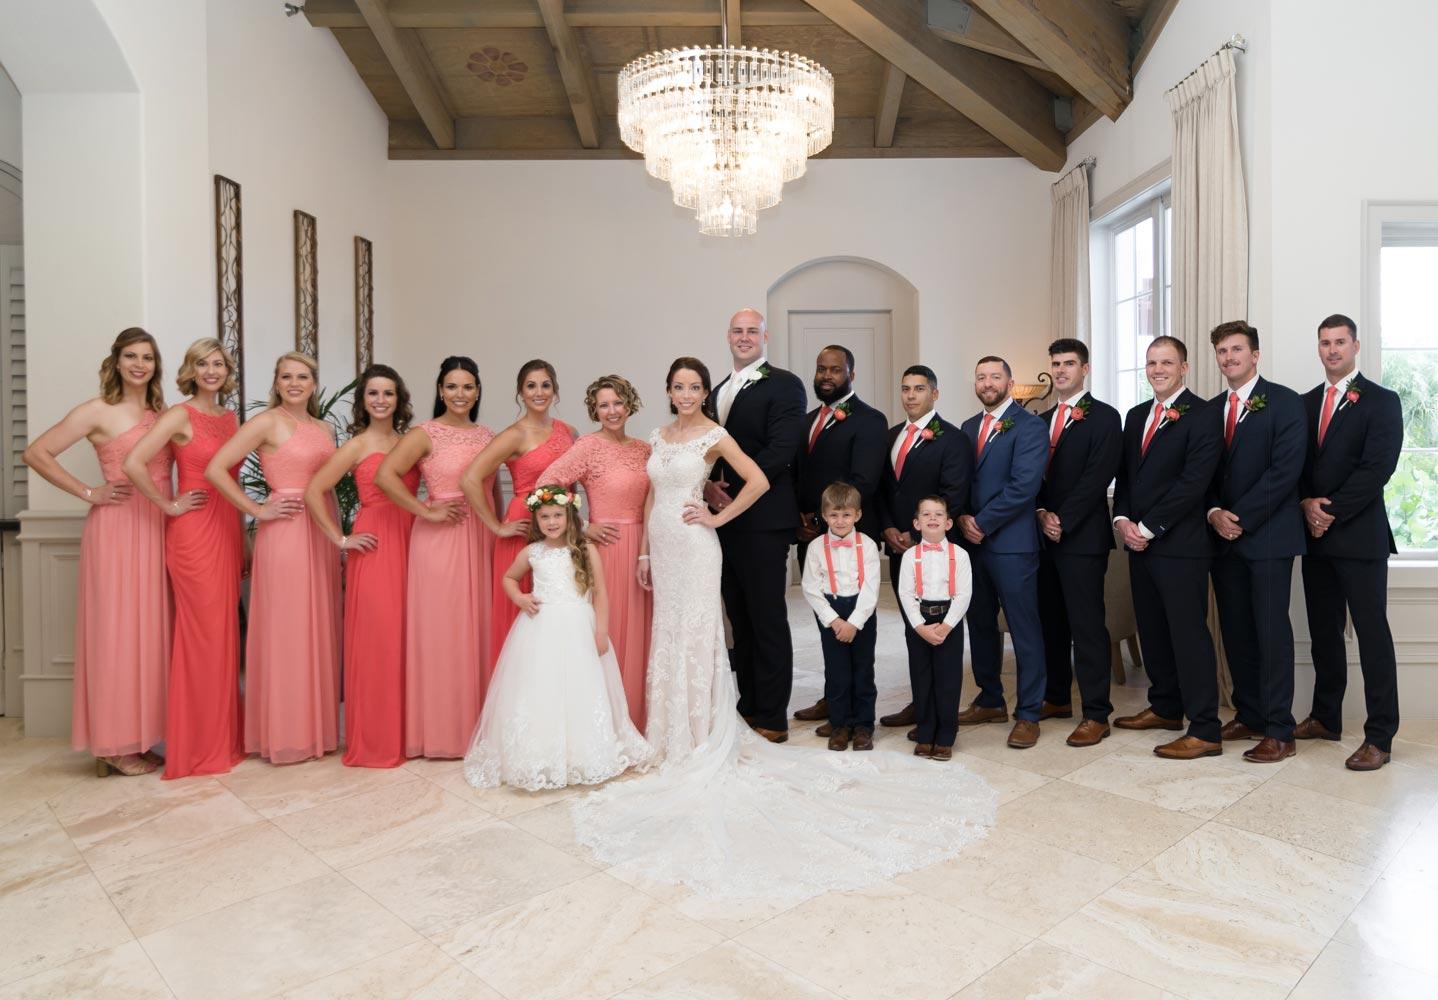 family formal wedding photos